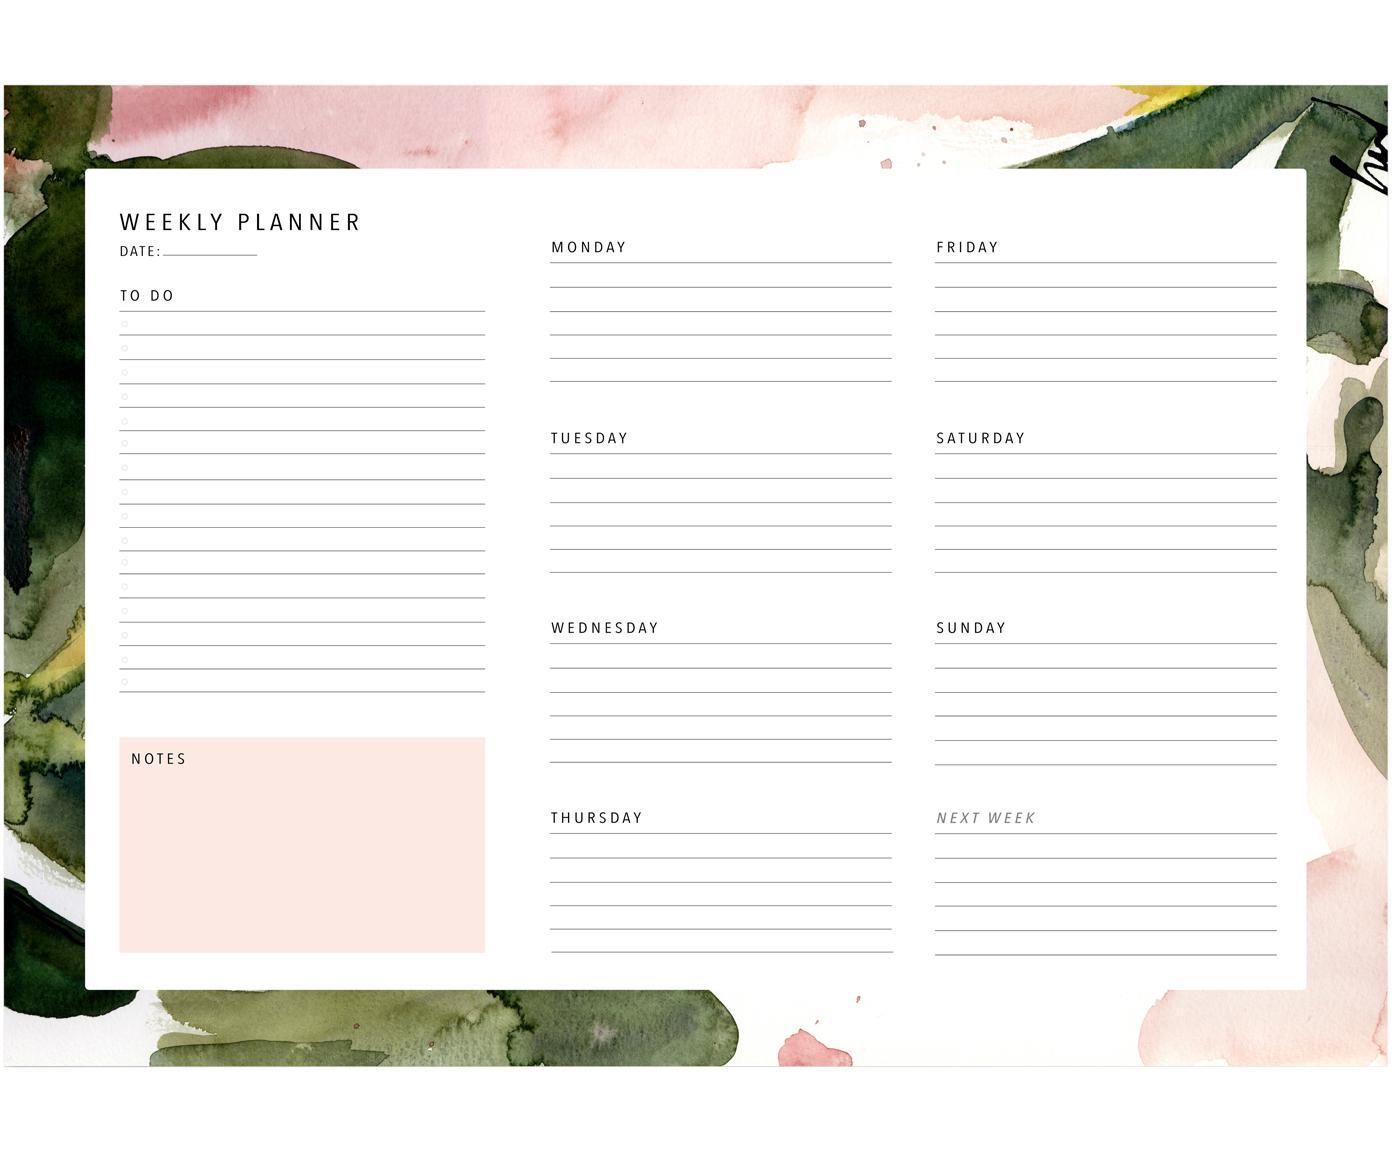 Planificador semanal Floral Colours, Papel, Rosa, verde, blanco, An 30 x Al 21 cm